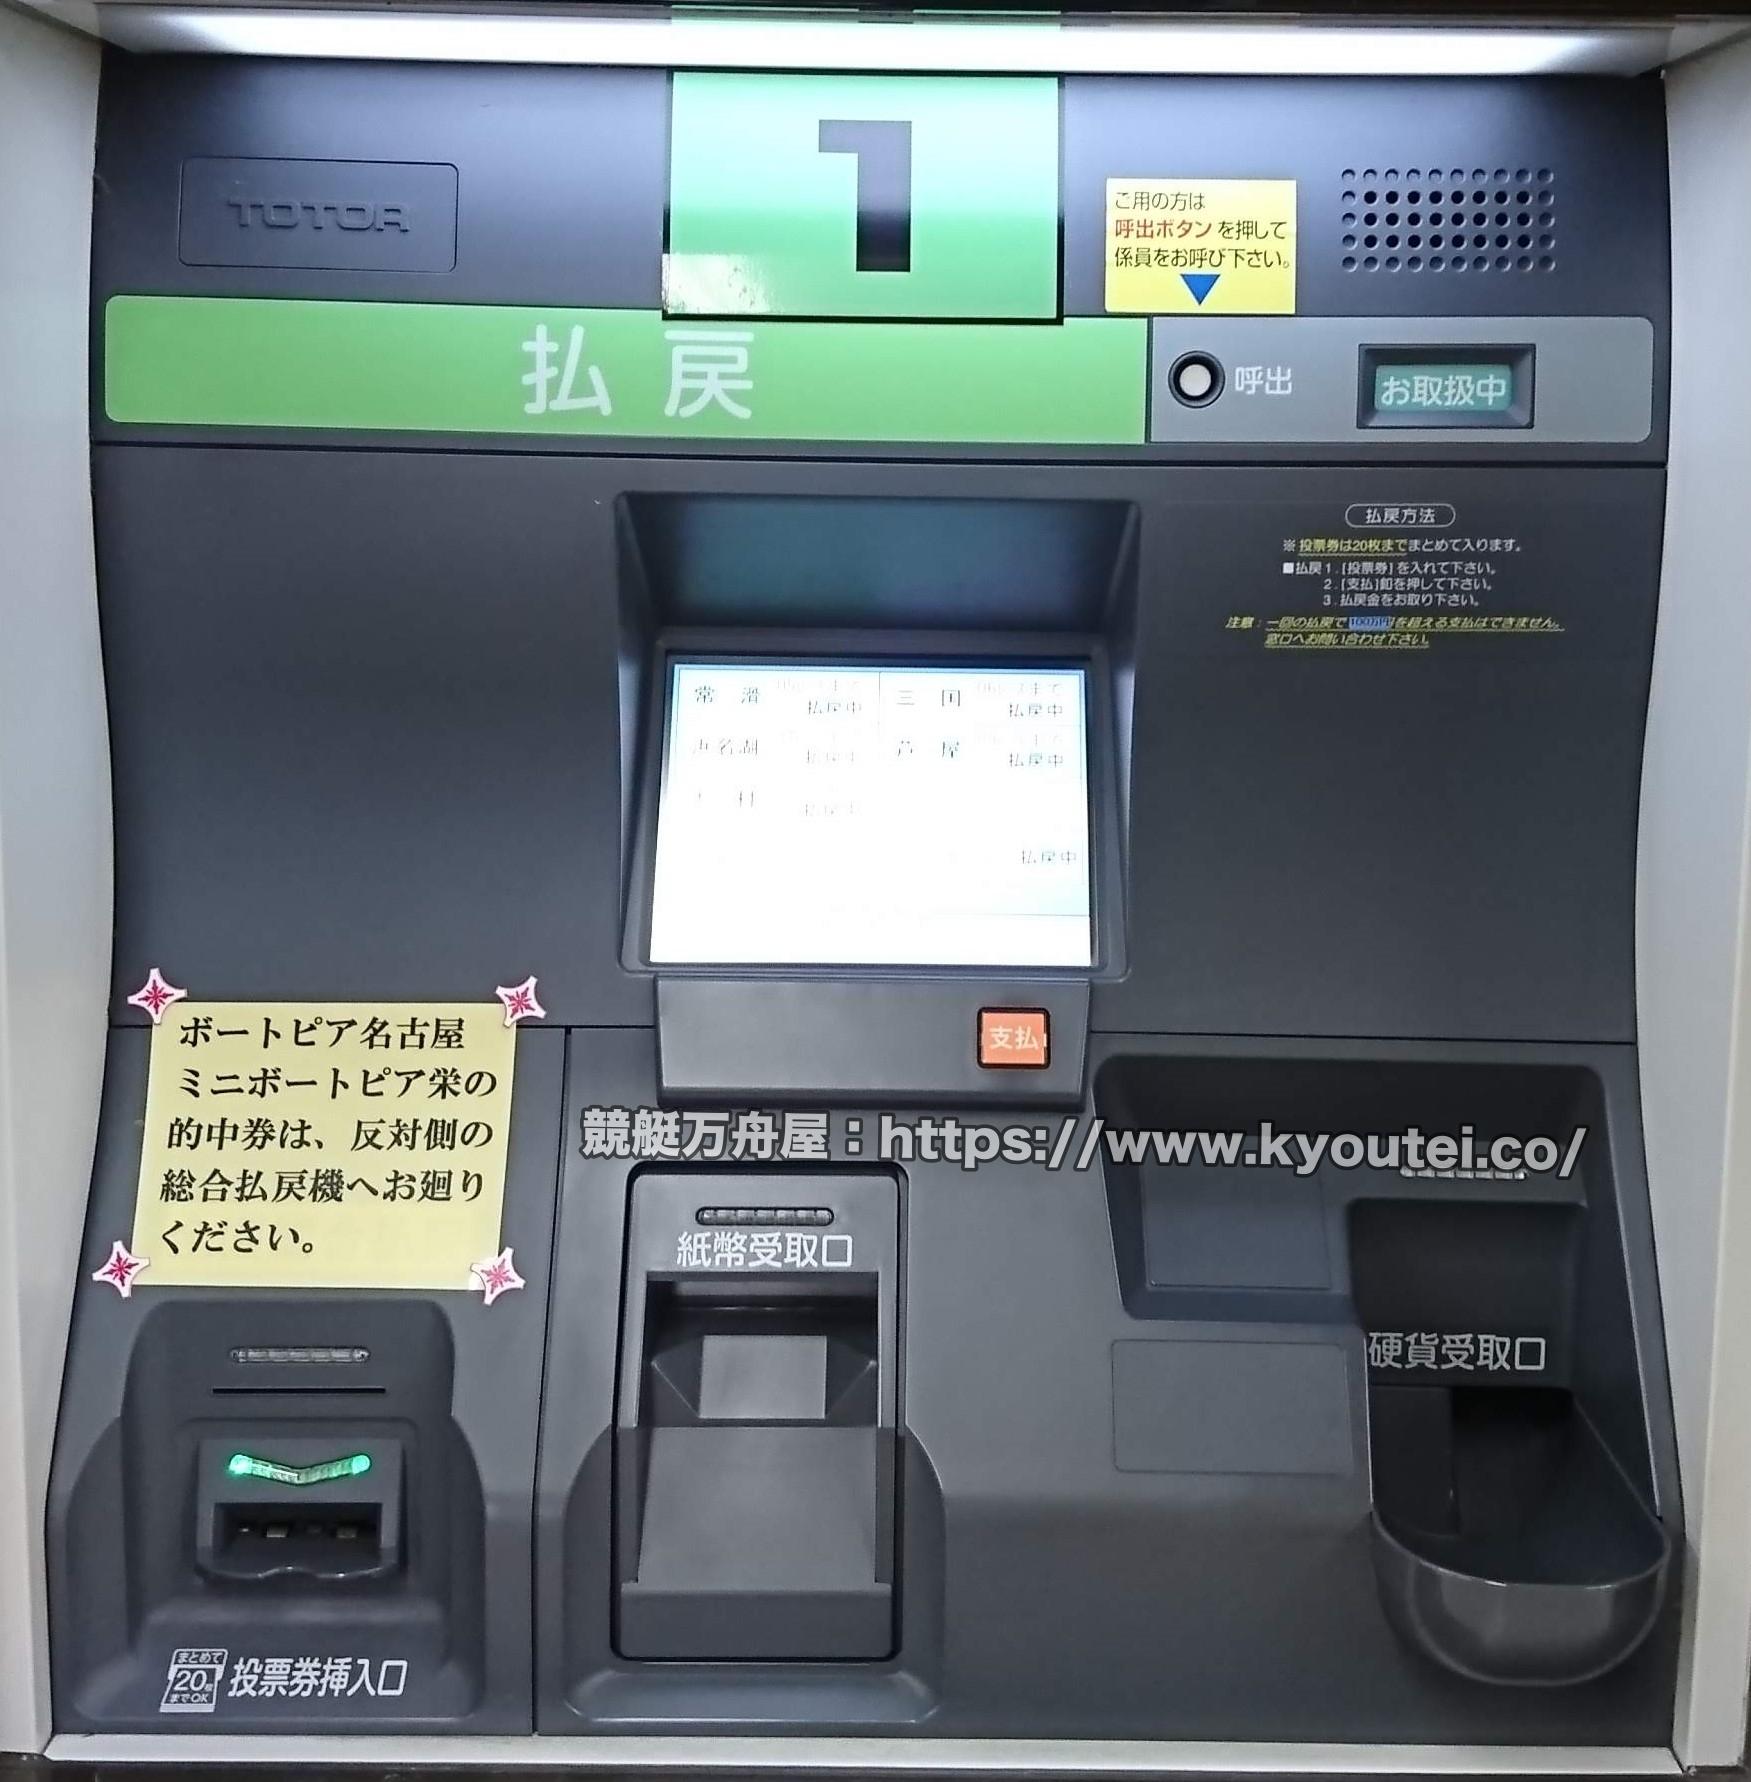 払戻専用の自動発払機